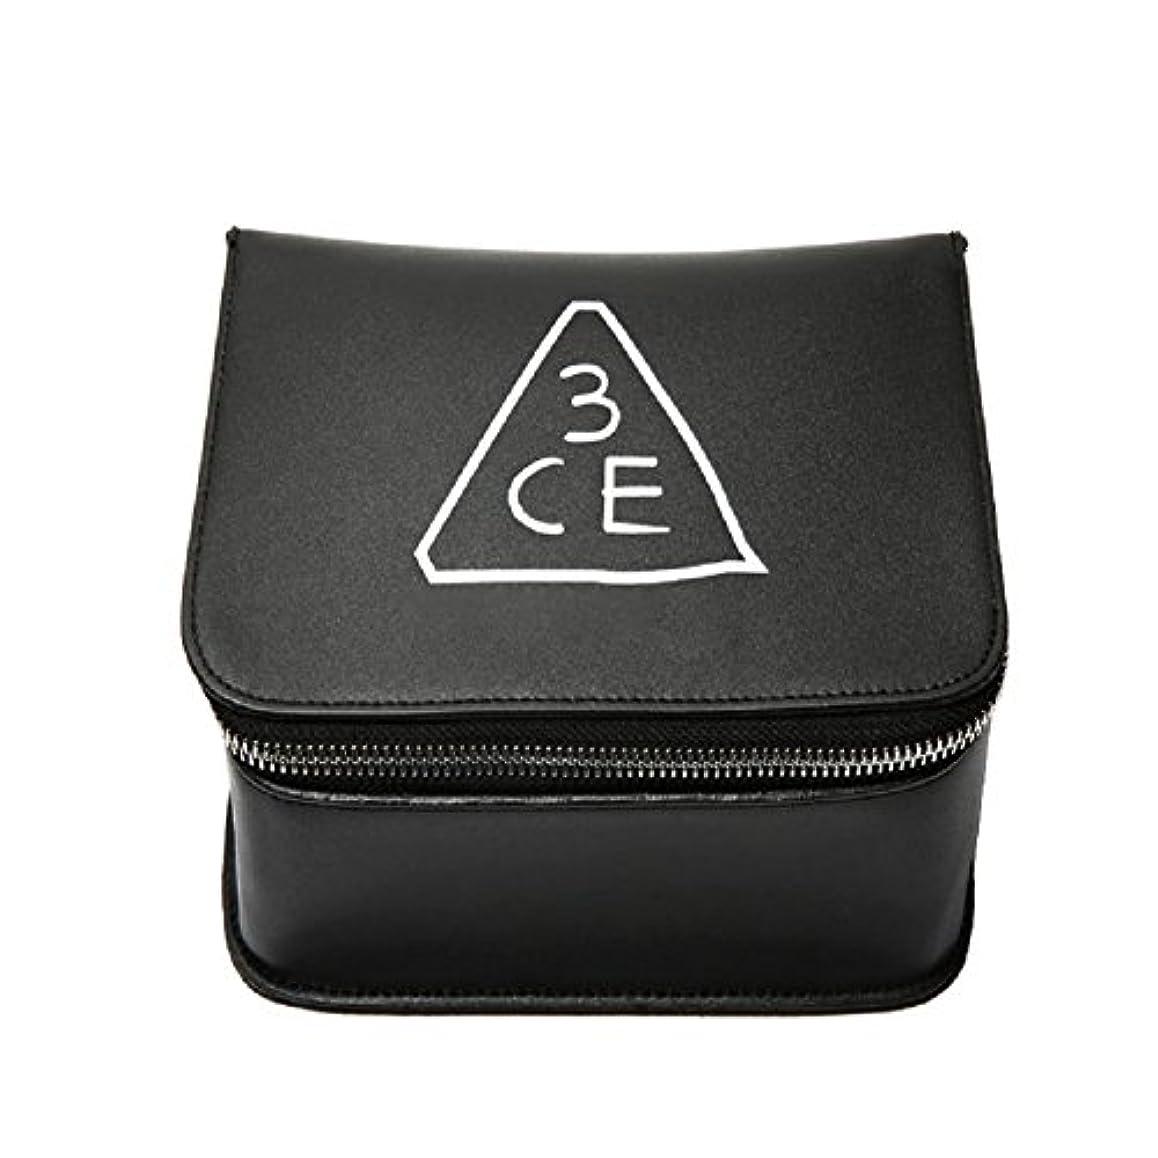 庭園八百屋息苦しい3CE(3 CONCEPT EYES) COSMETIC BOX POUCH 化粧品 BOXポーチ stylenanda 婦人向け 旅行 ビッグサイズ[韓国並行輸入品]